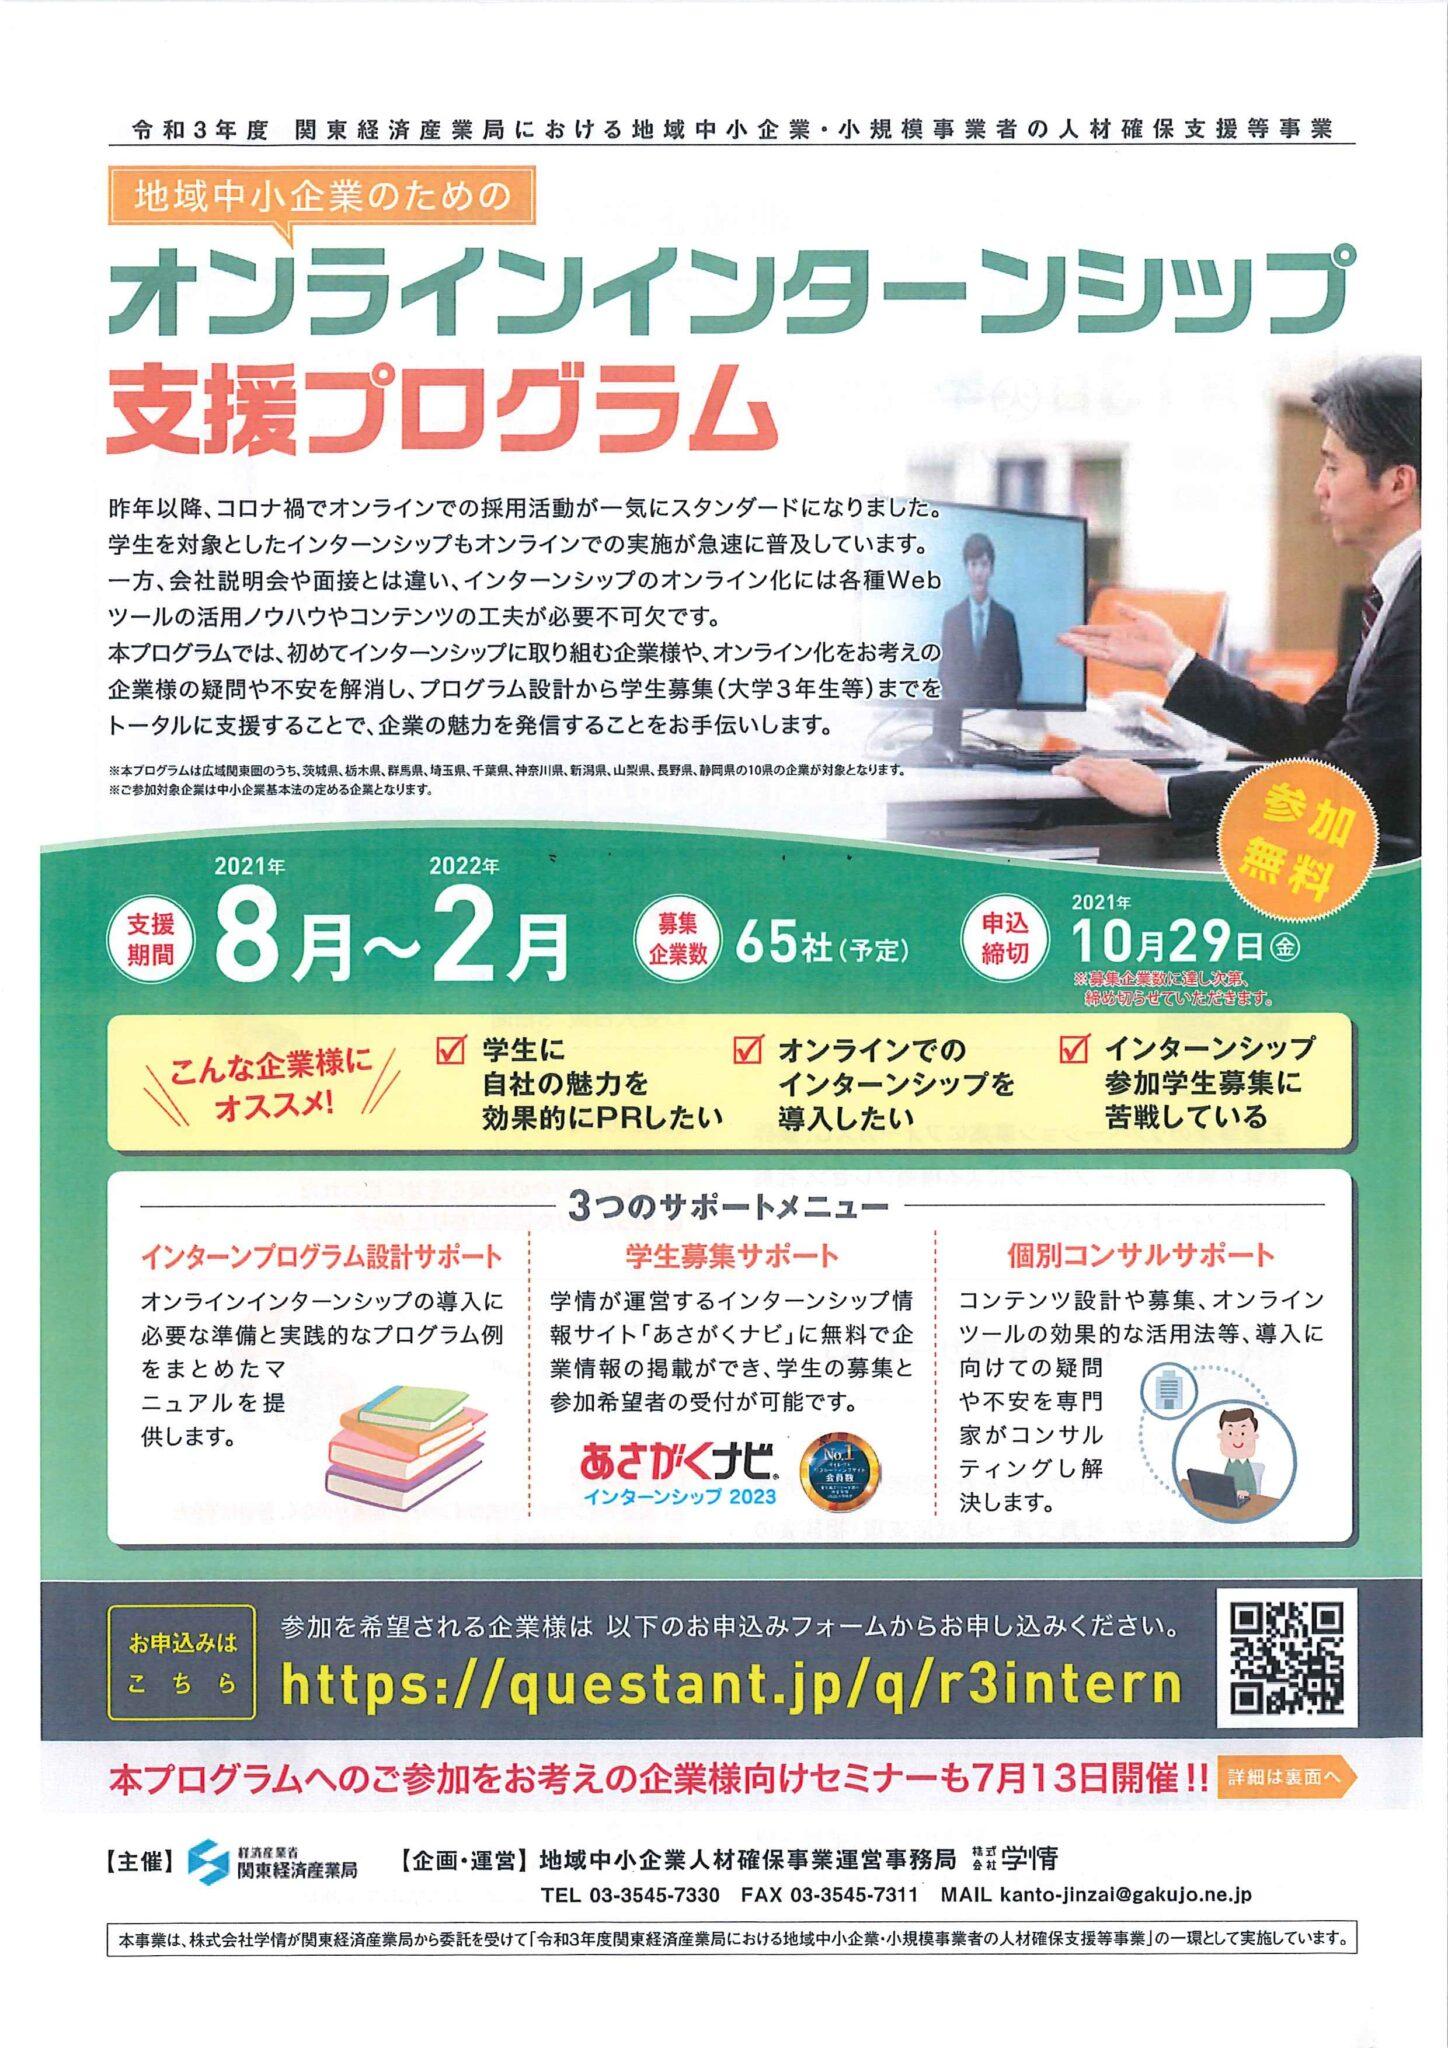 【参加企業募集】オンラインインターンシップ支援プログラム